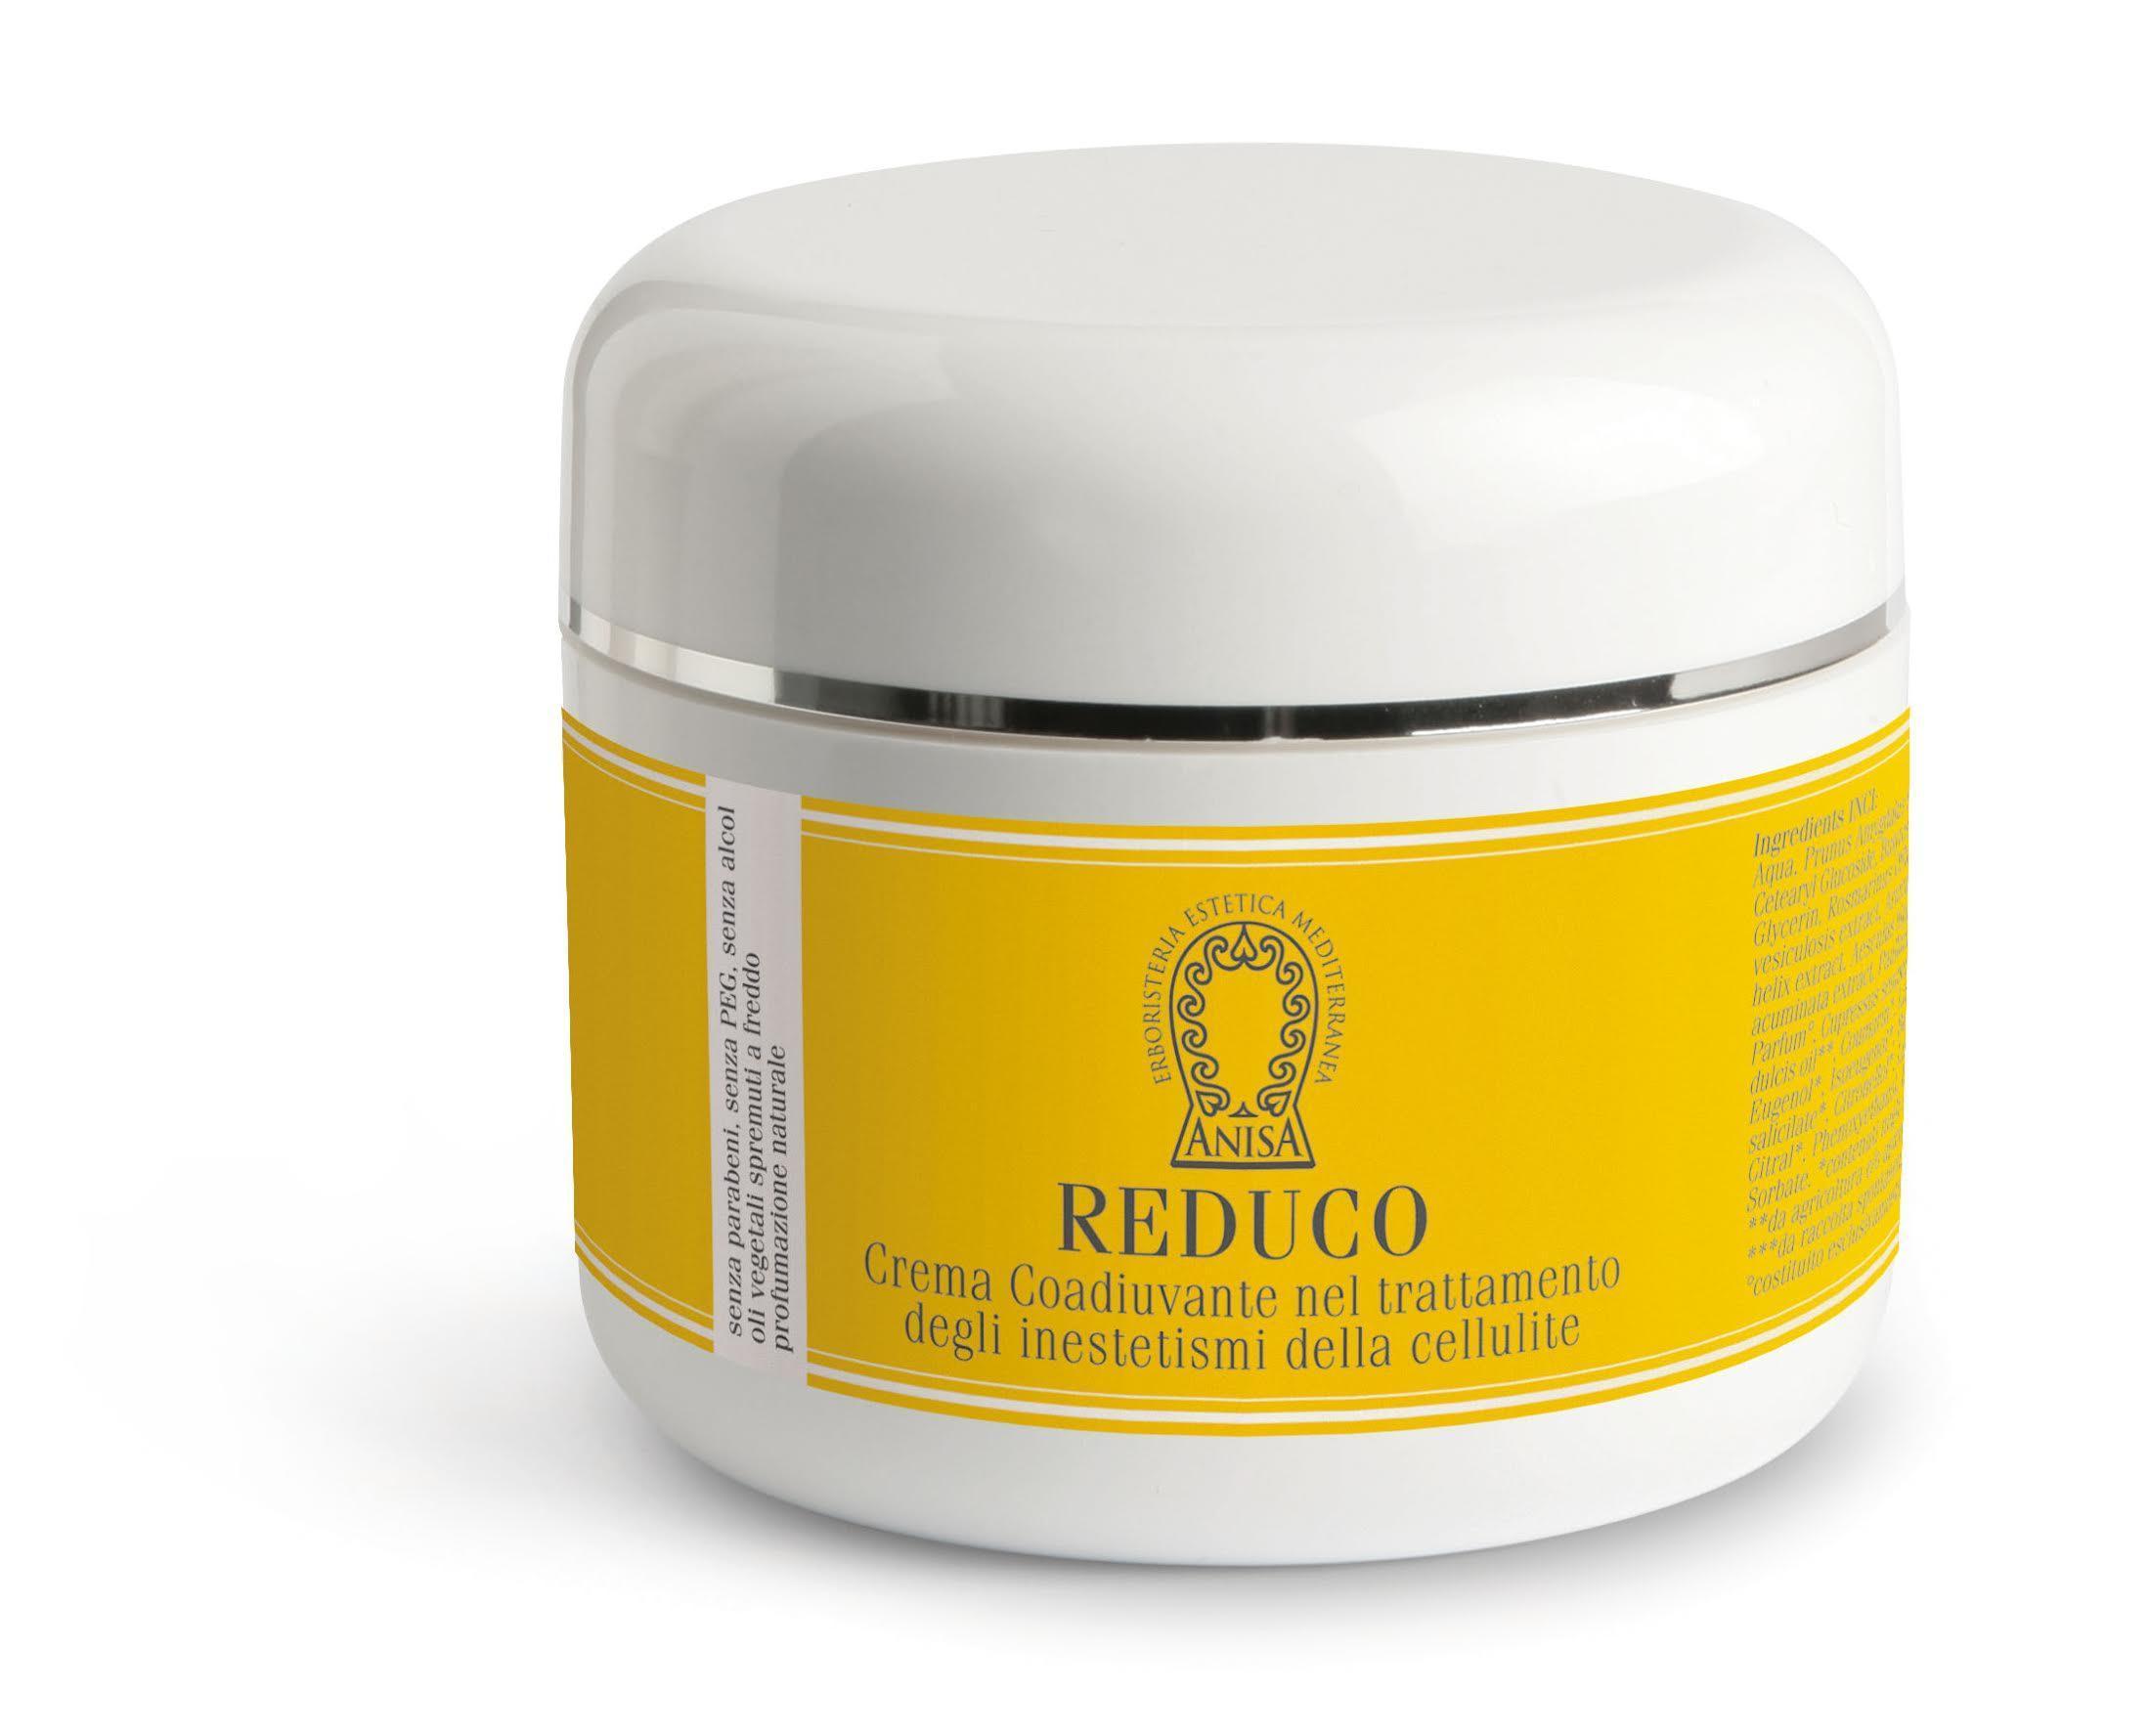 Crema Reduco Anticellulite-Line Professionale Anisa-SENZA PARABENI